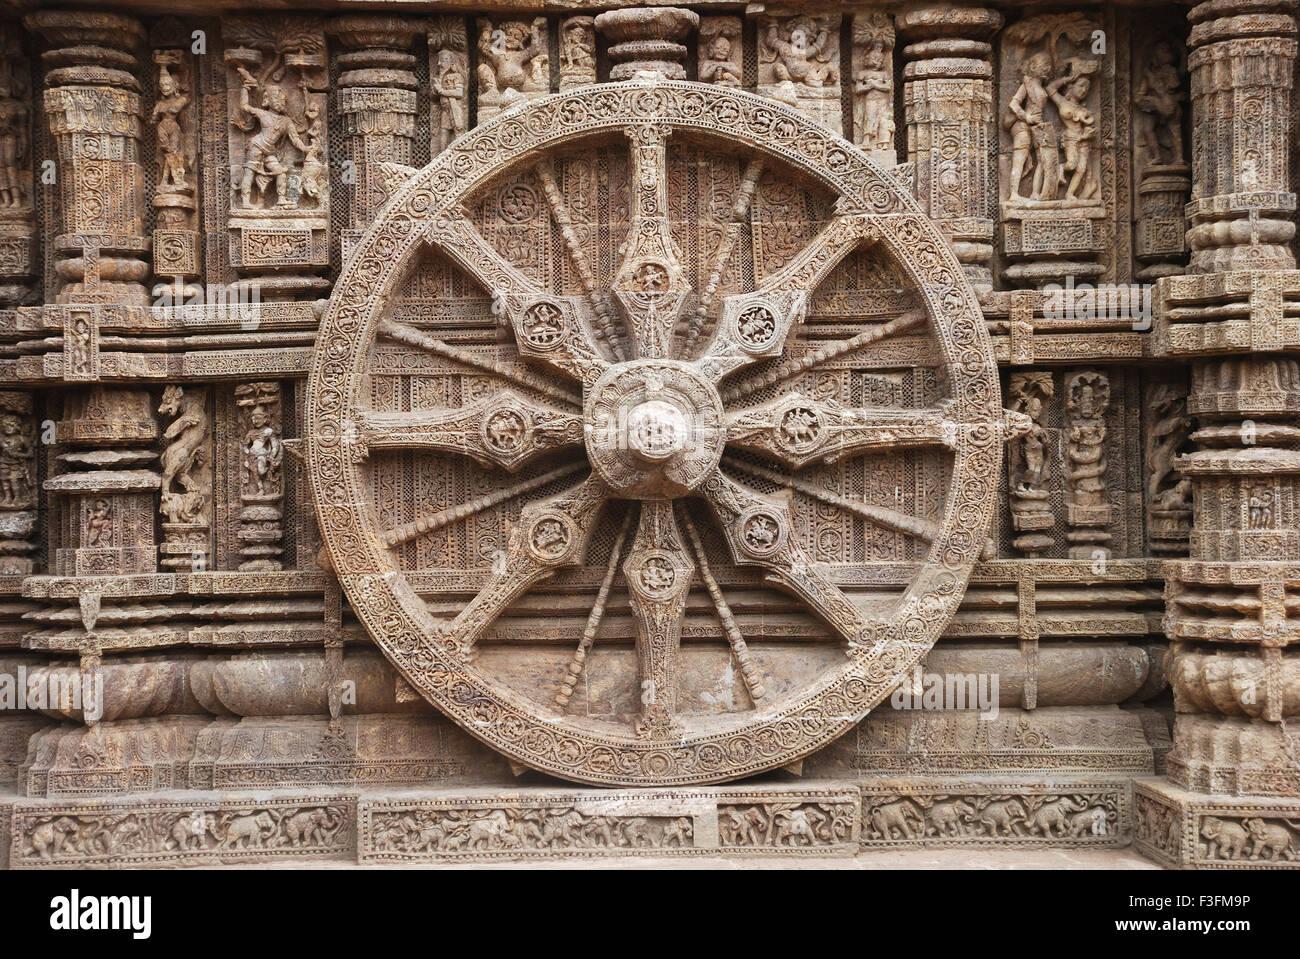 Roue de char du dieu Soleil au temple du soleil;;; Inde Orissa Konarak Photo Stock